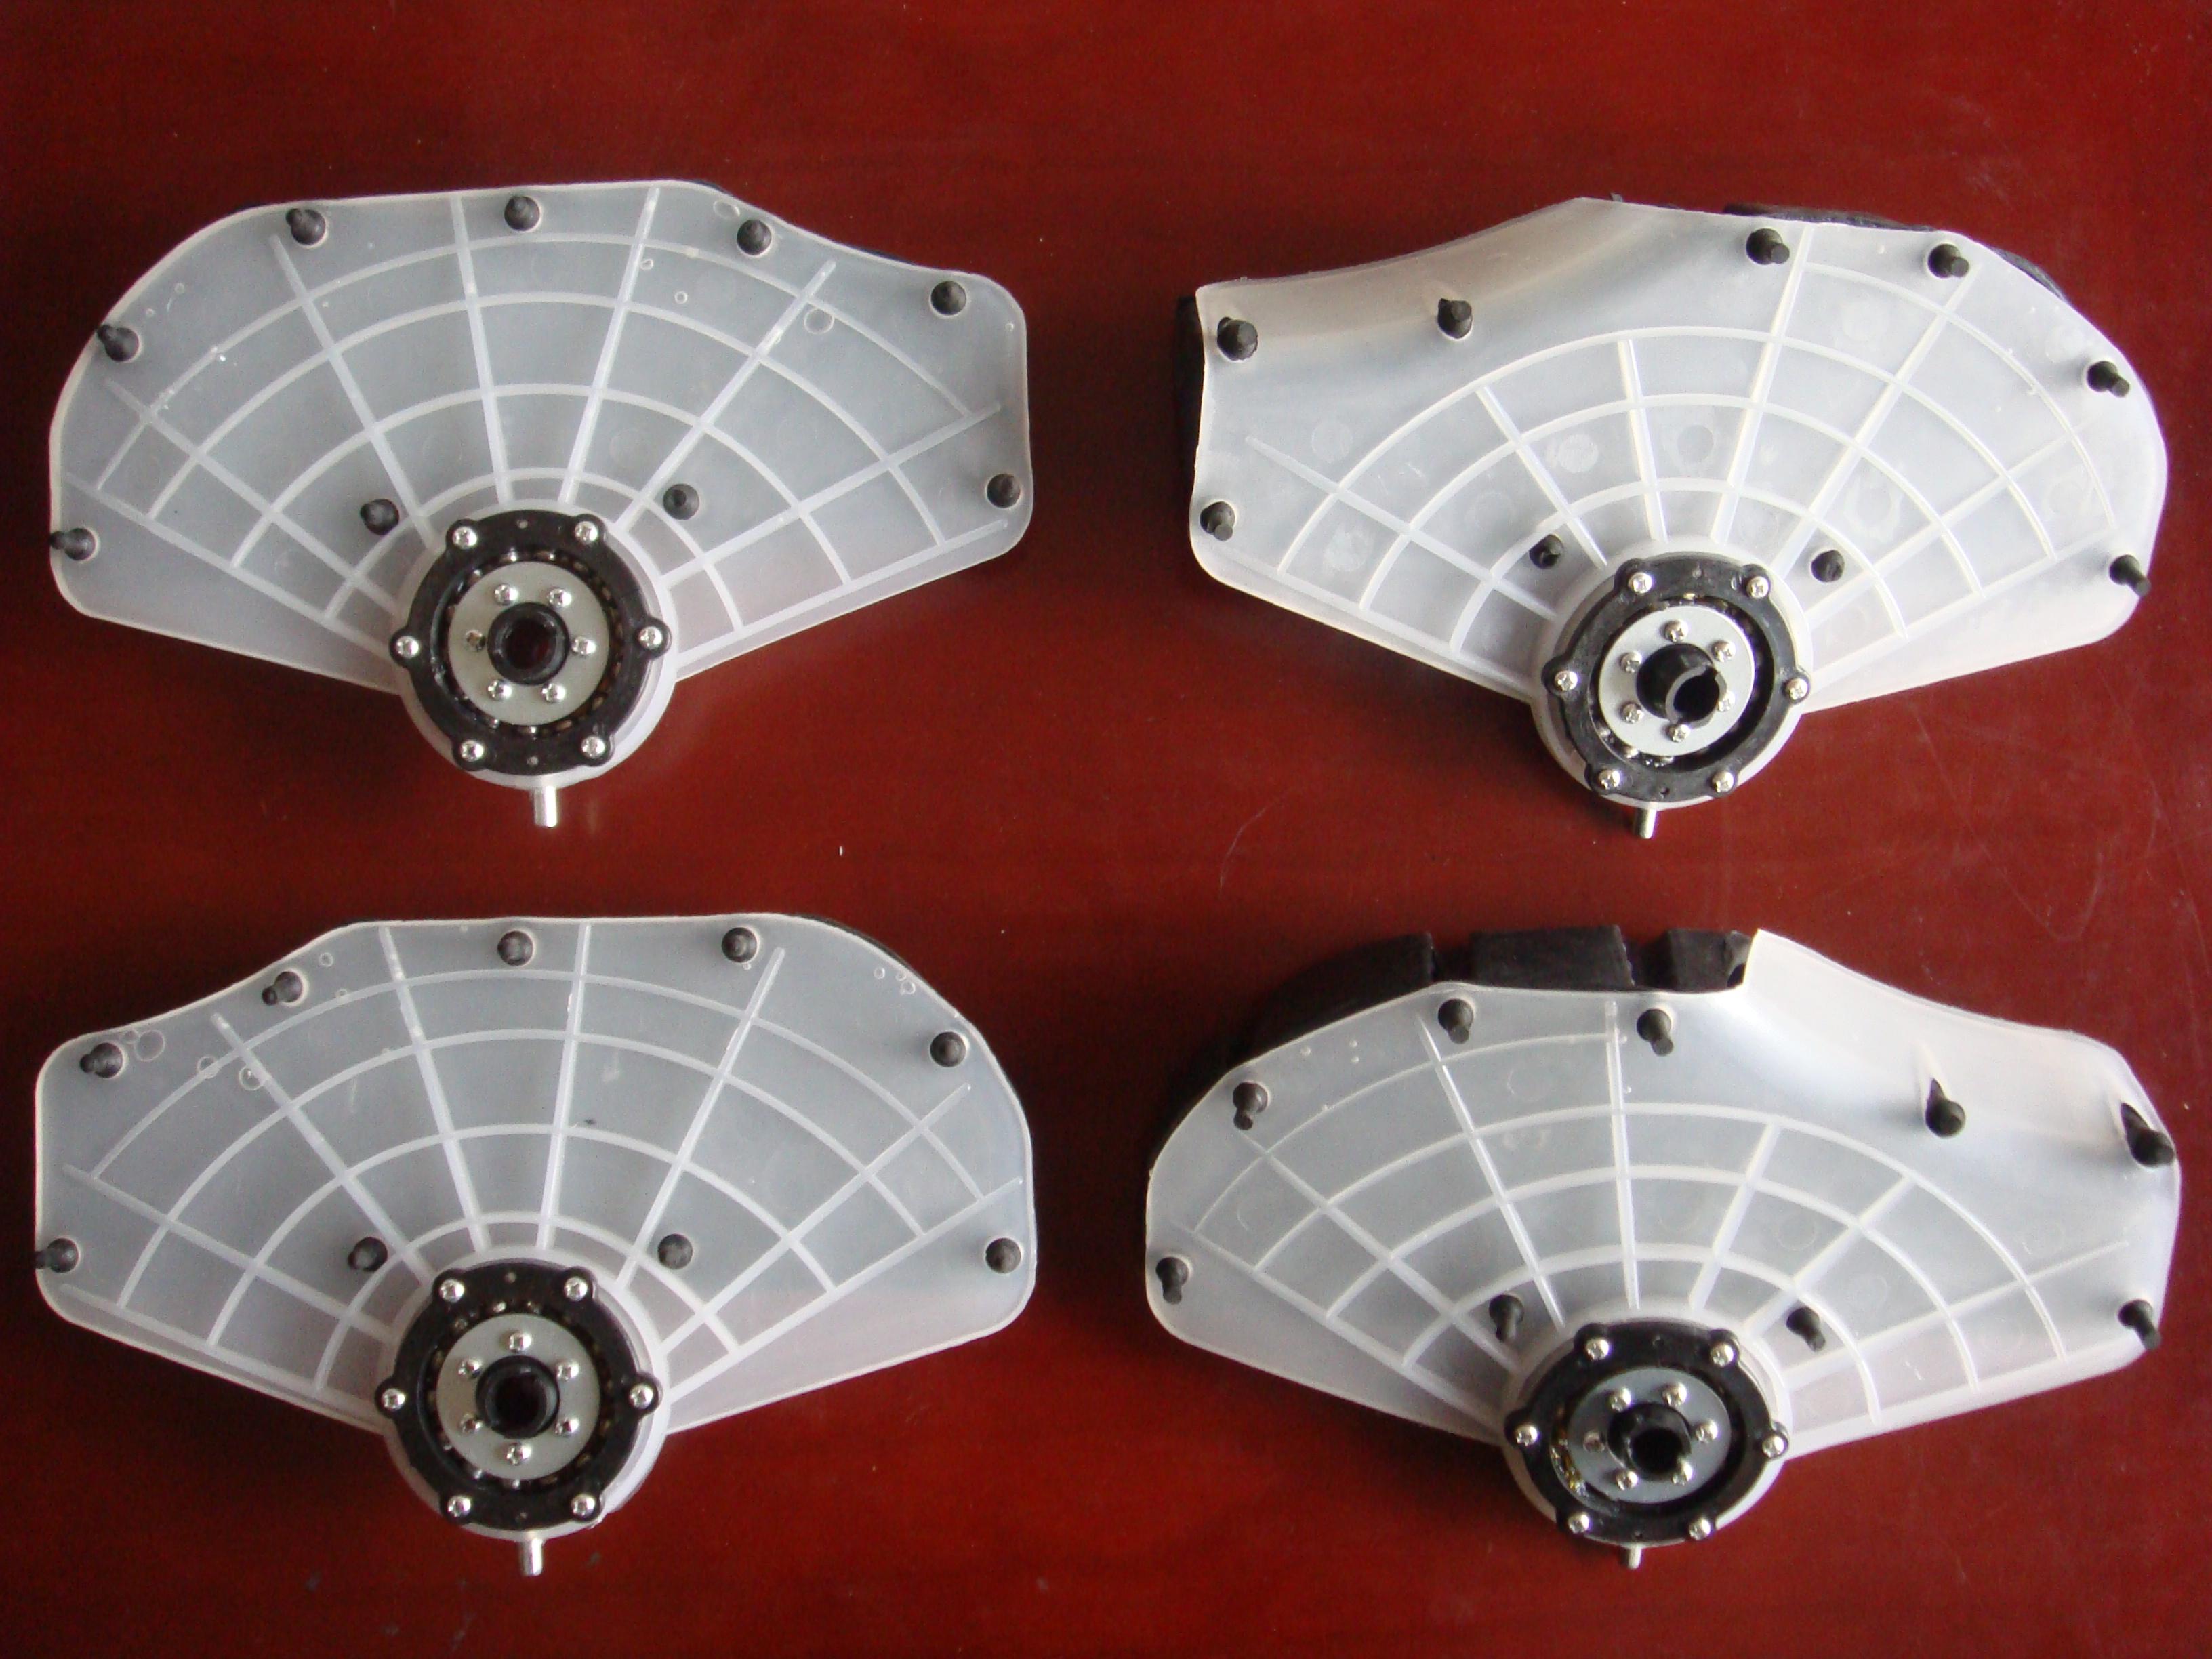 足疗机专用配件三代加热夹板脚板足底按摩器AMZ-03配件通用健尔马